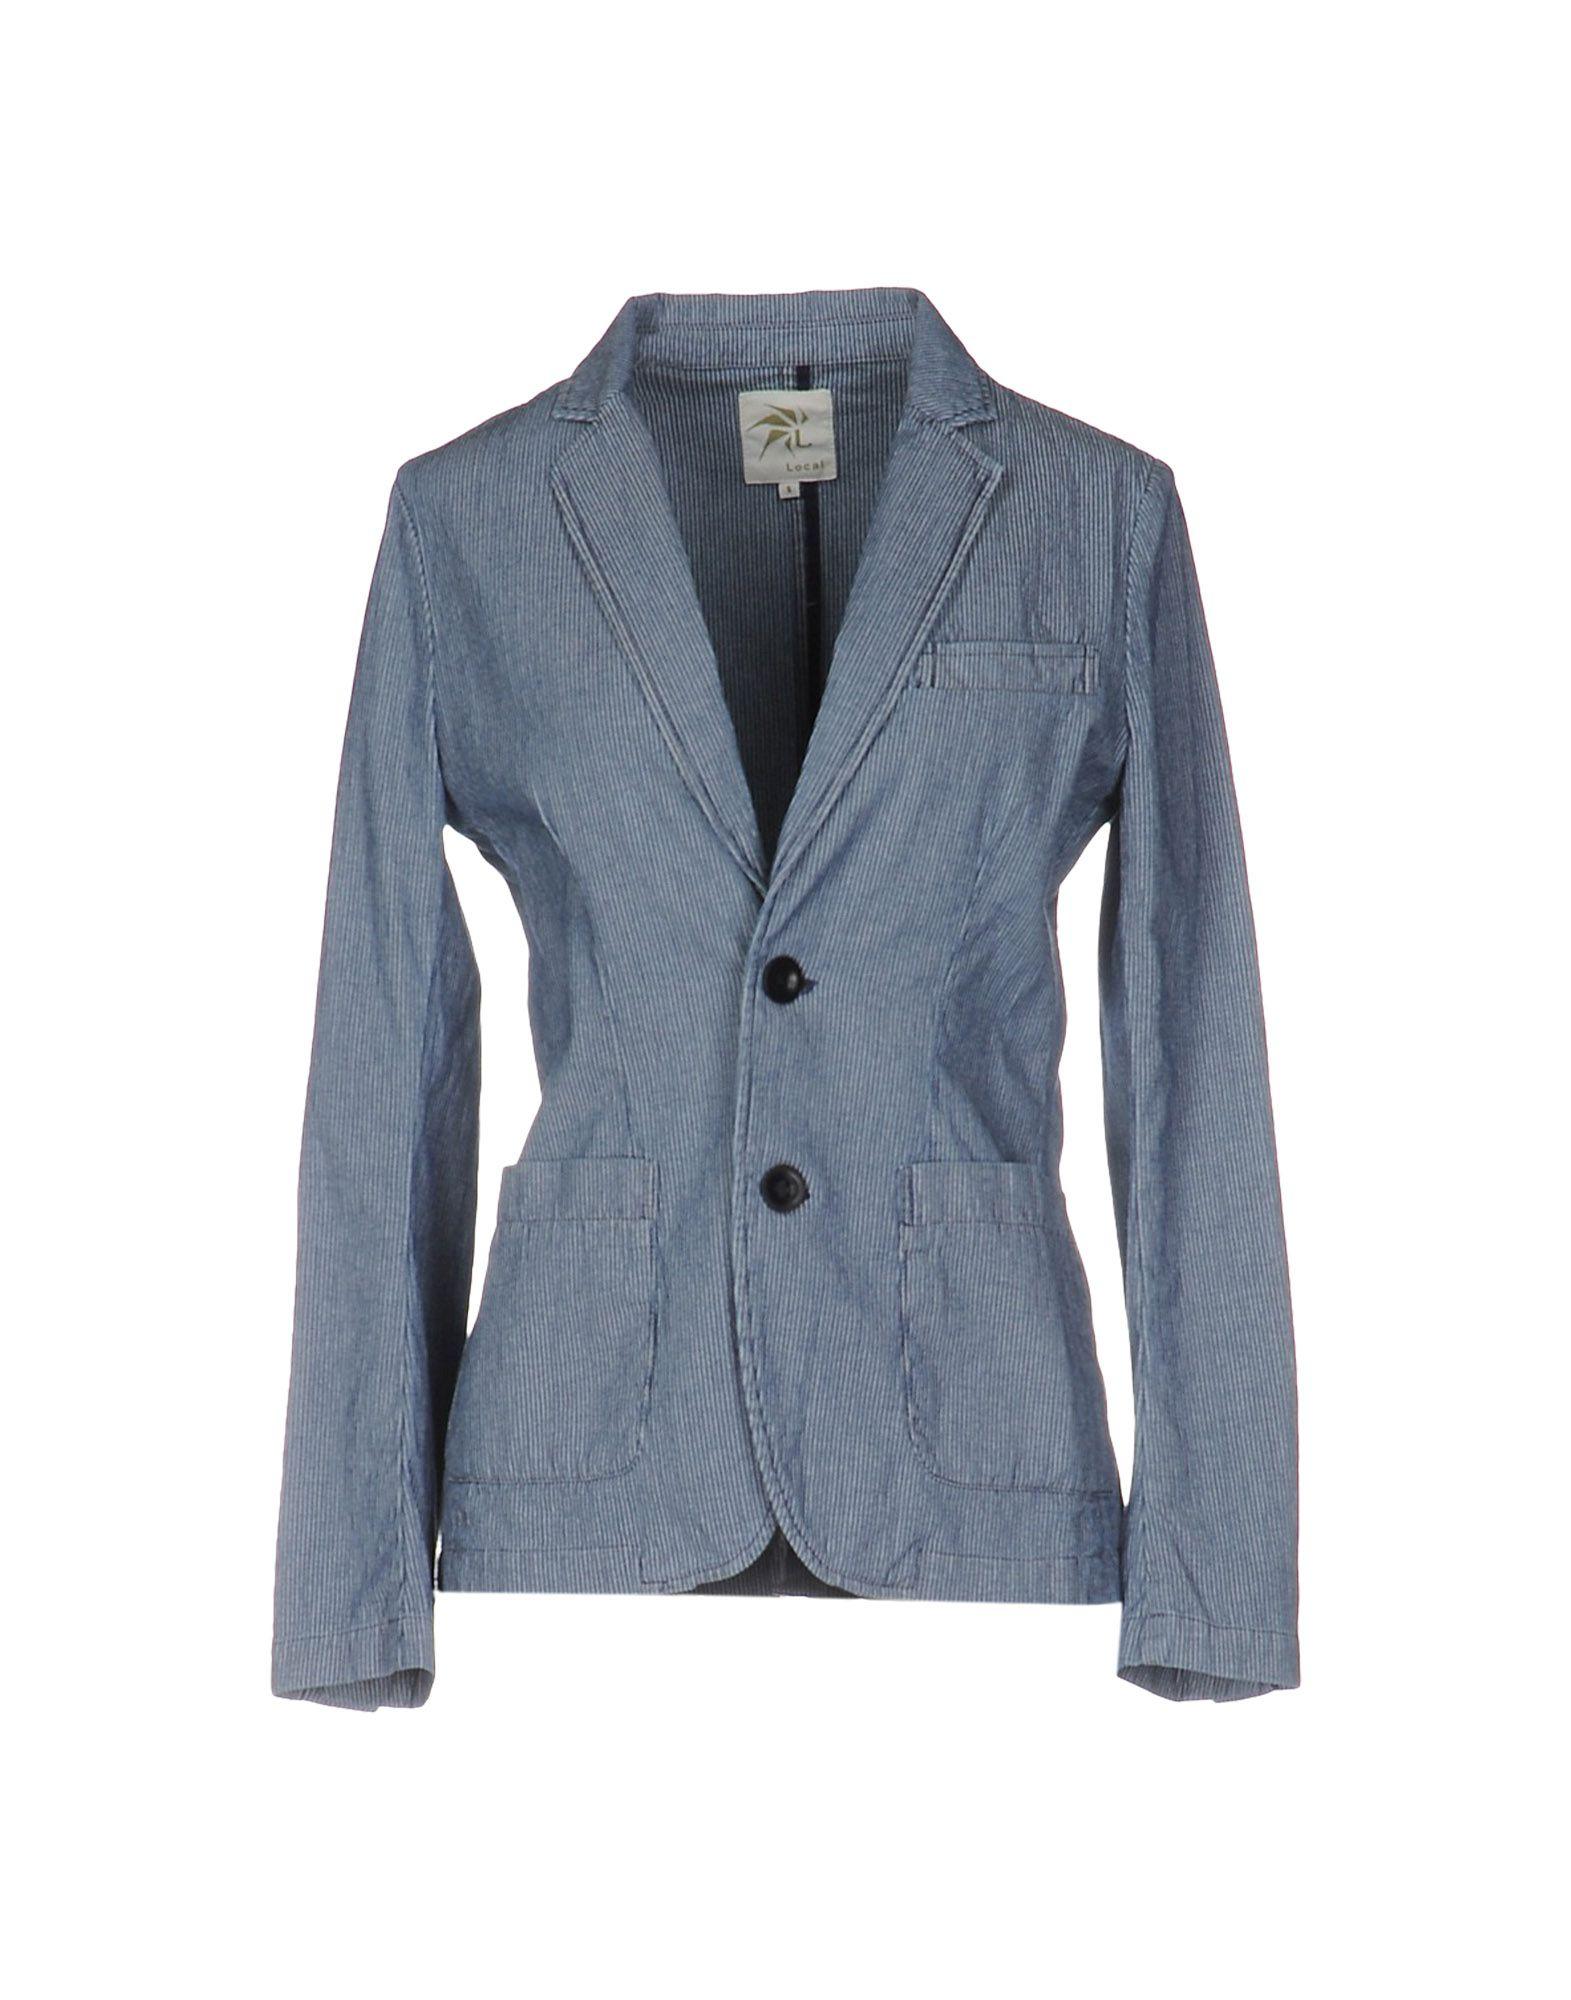 LOCAL APPAREL Damen Jackett Farbe Dunkelblau Größe 3 - broschei